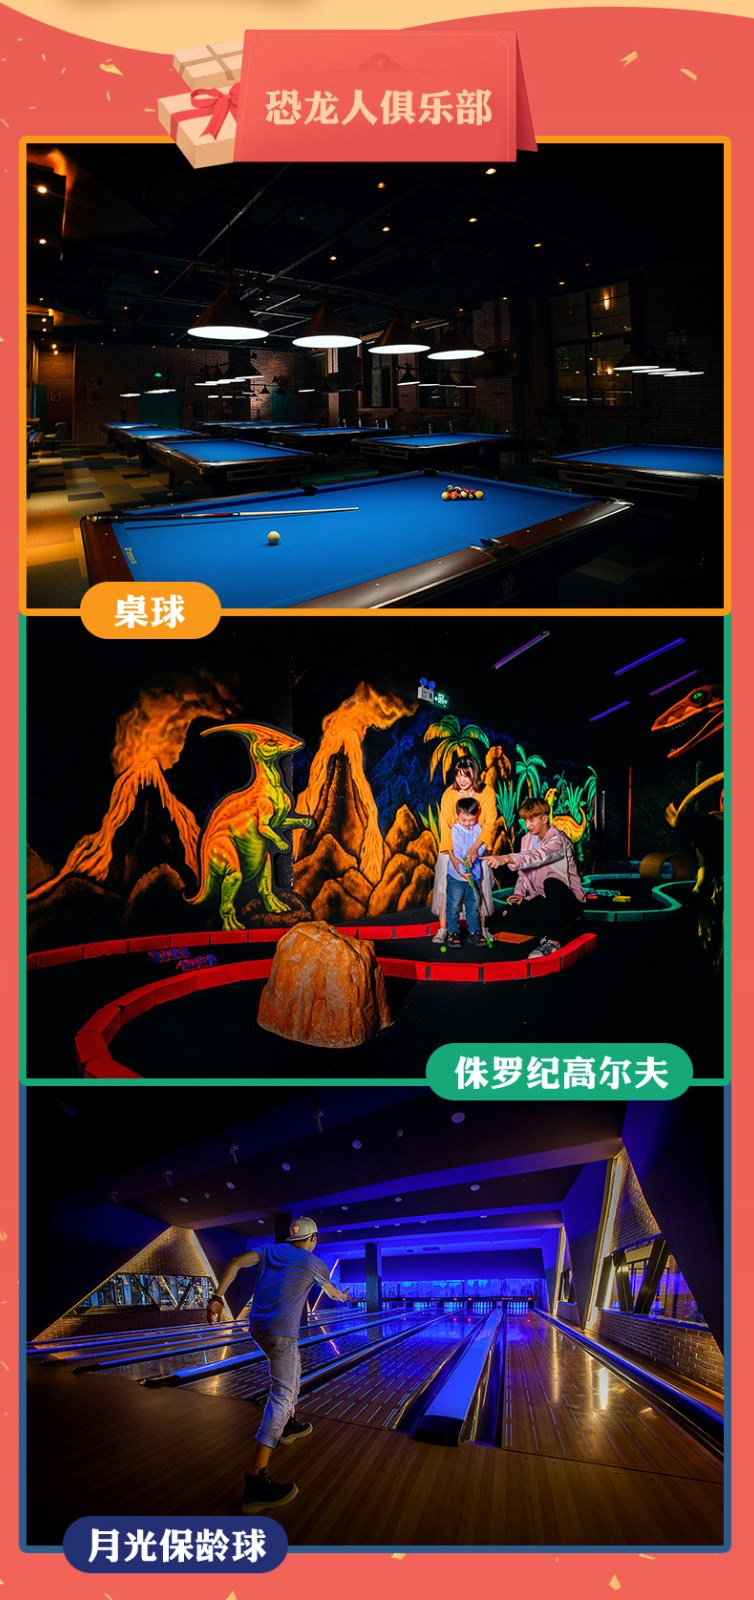 恐龙人俱乐部新春套餐内页_06.jpg